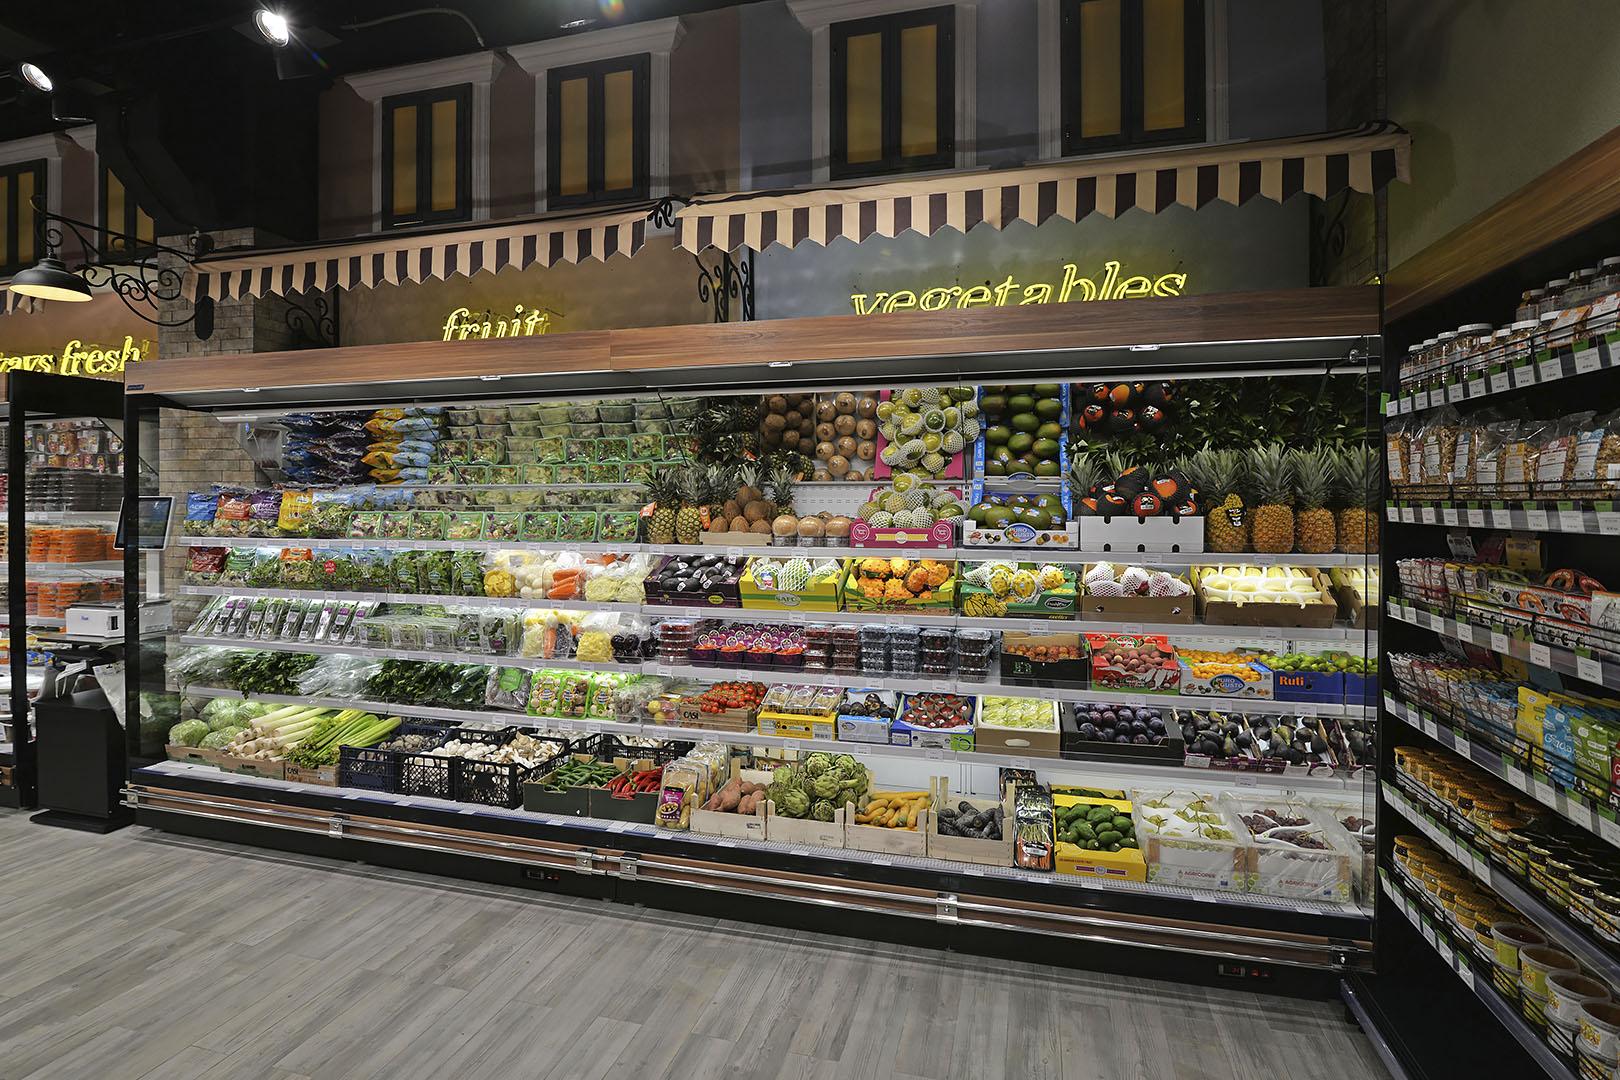 Специализированные витрины для продажи овощей и фруктов Louisiana FV MV 105 VF О 225-DLM